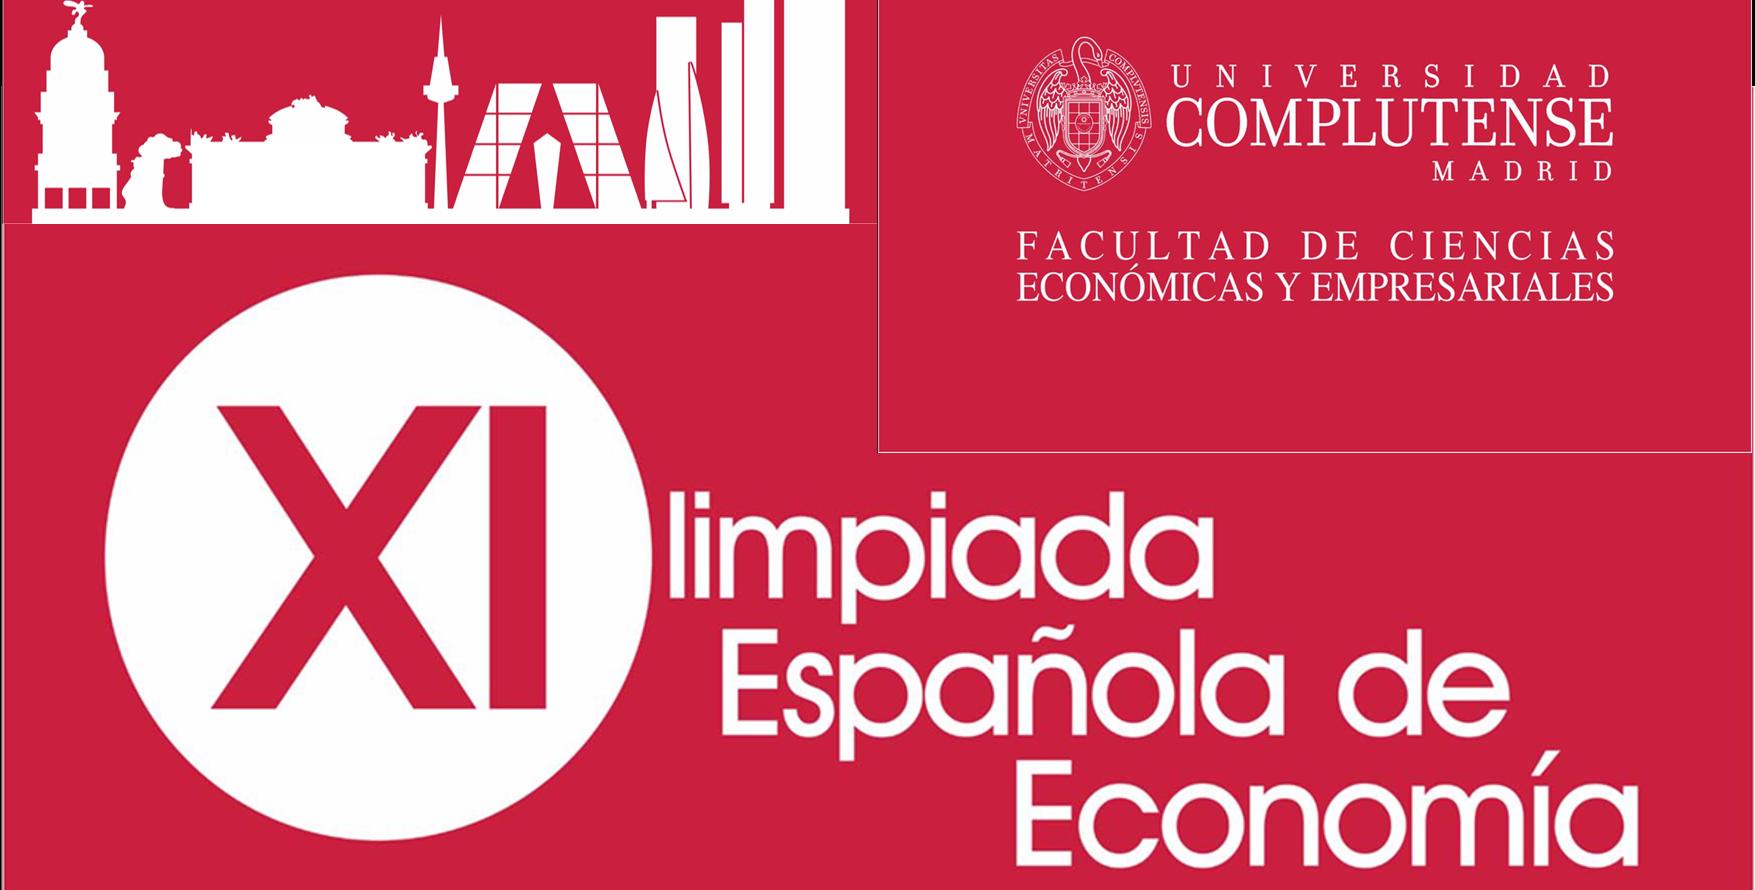 Olimpiada española de economía 2019.